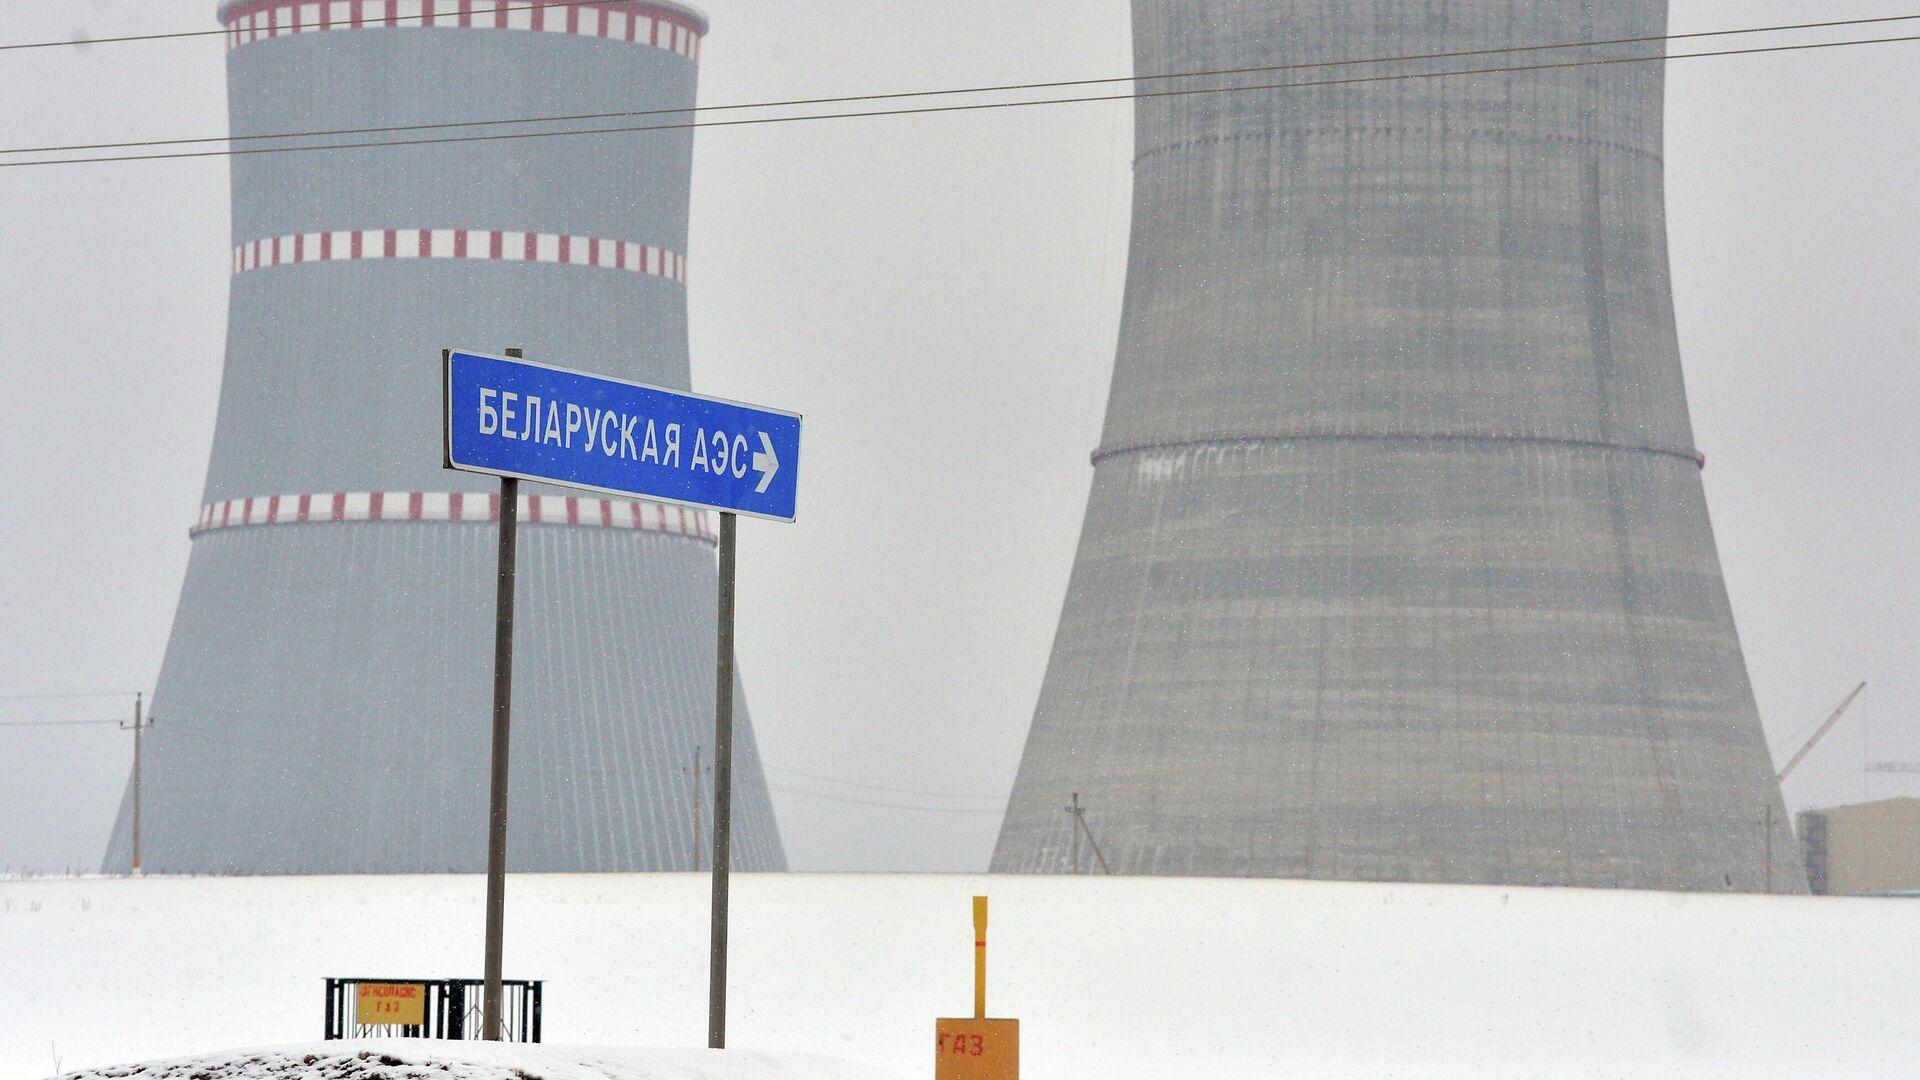 Белорусская АЭС - РИА Новости, 1920, 09.02.2021